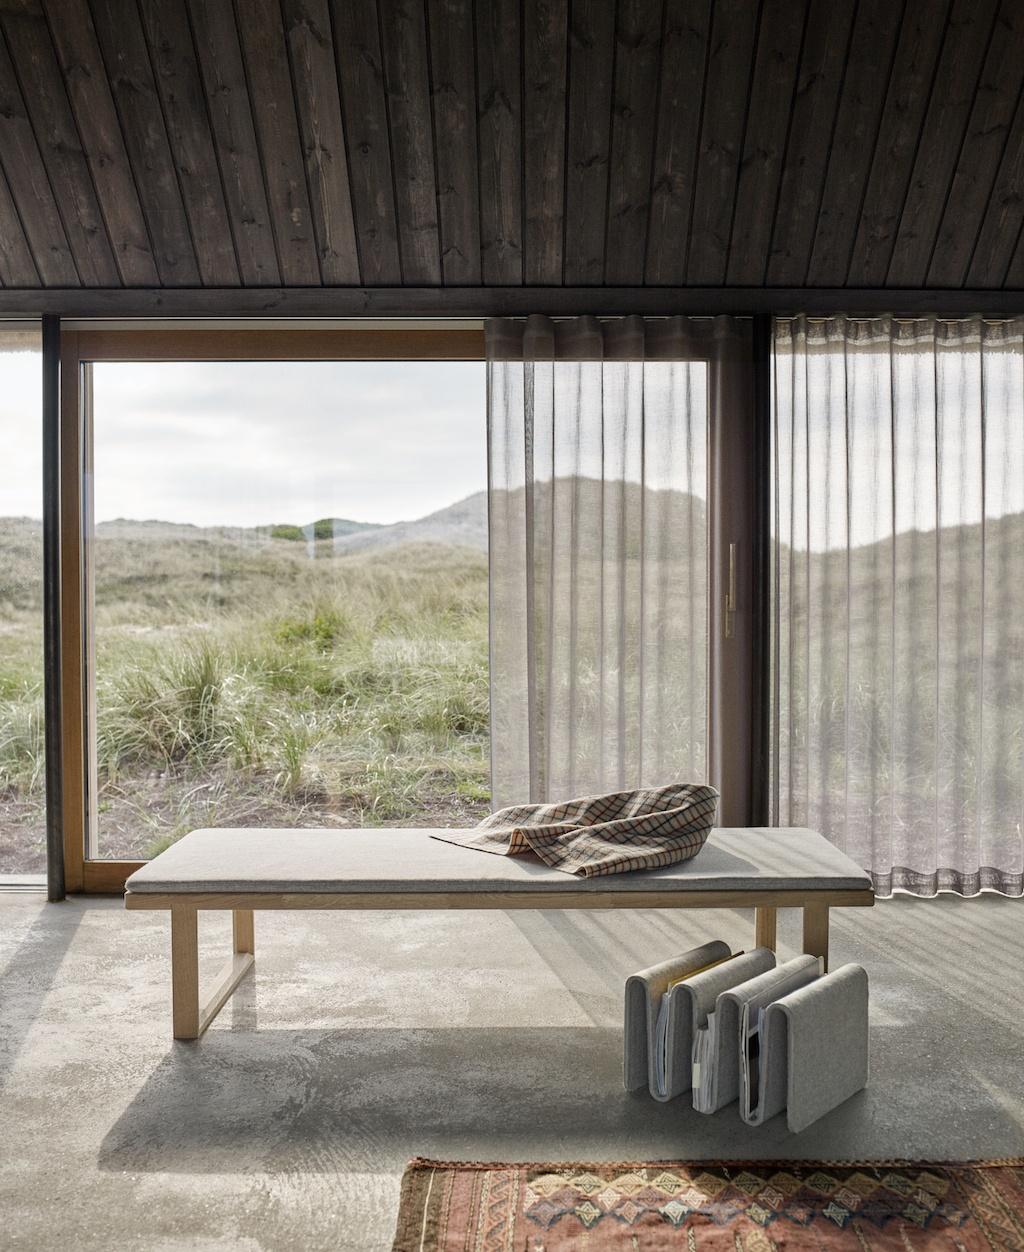 Salon Solist par excellence: ein Tagesbett vor einer großen Front aus bodentiefen Fenstern mit Blick auf eine grüne Landschaft.